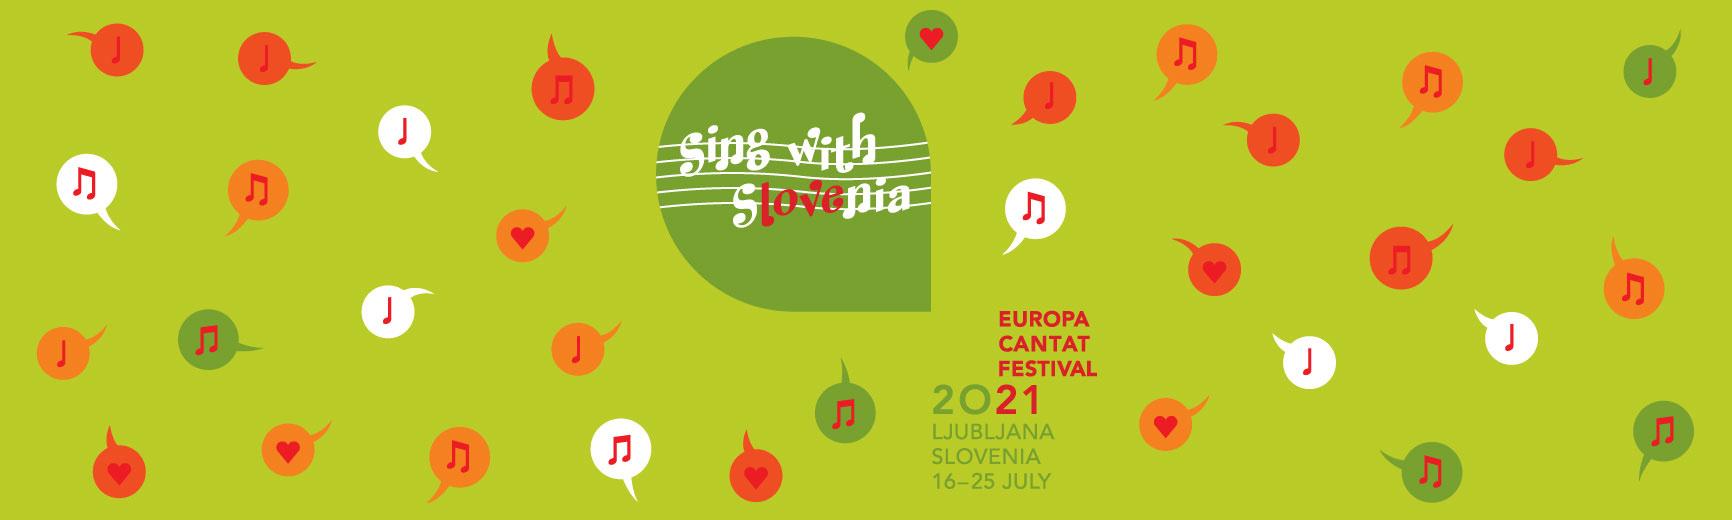 Europa Cantat – Ljubljana, Slovenia 16-25 July 2021